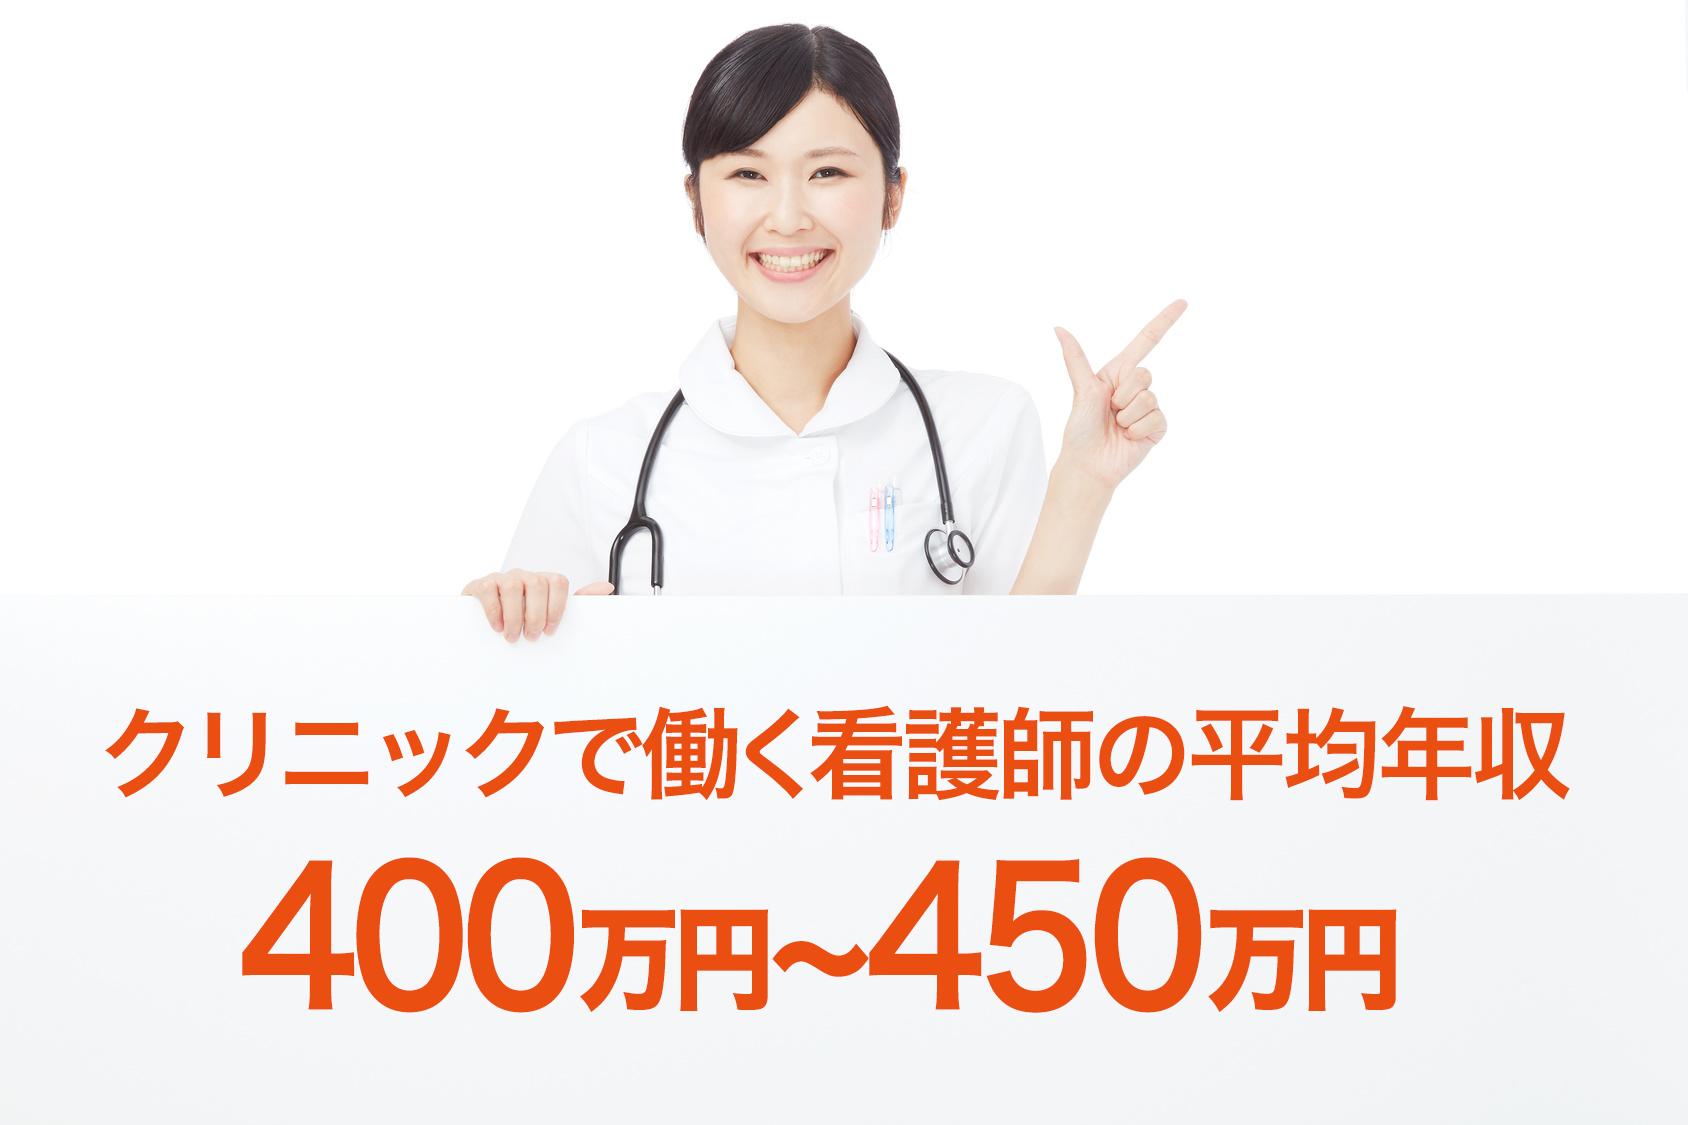 クリニックで働く看護師の平均年収